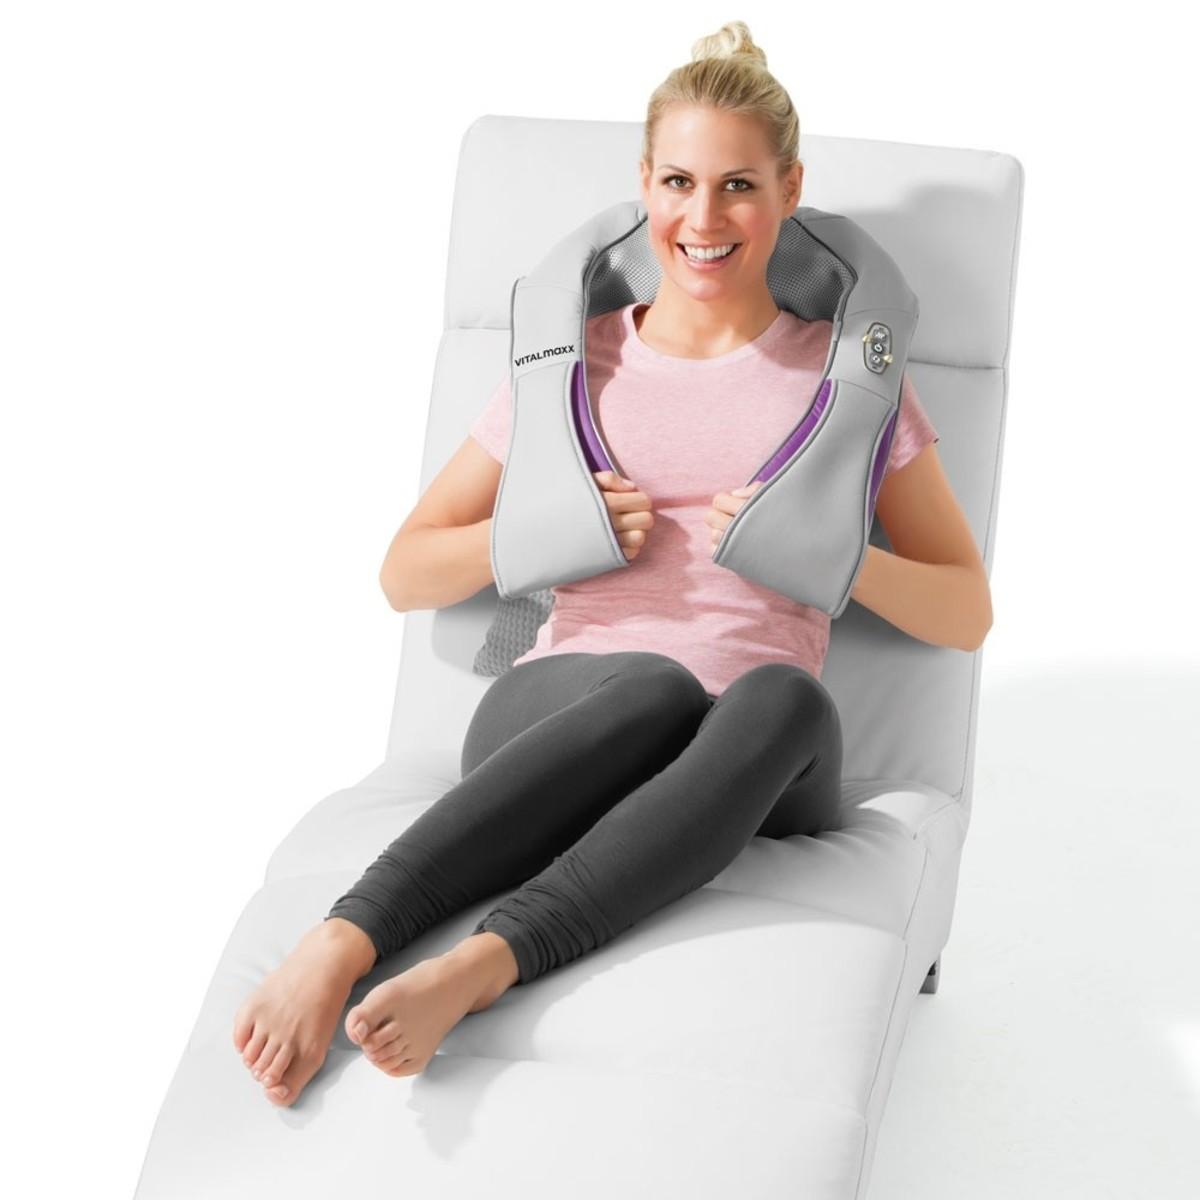 Bild 2 von VITALmaxx Shiatsu-Massagegerät